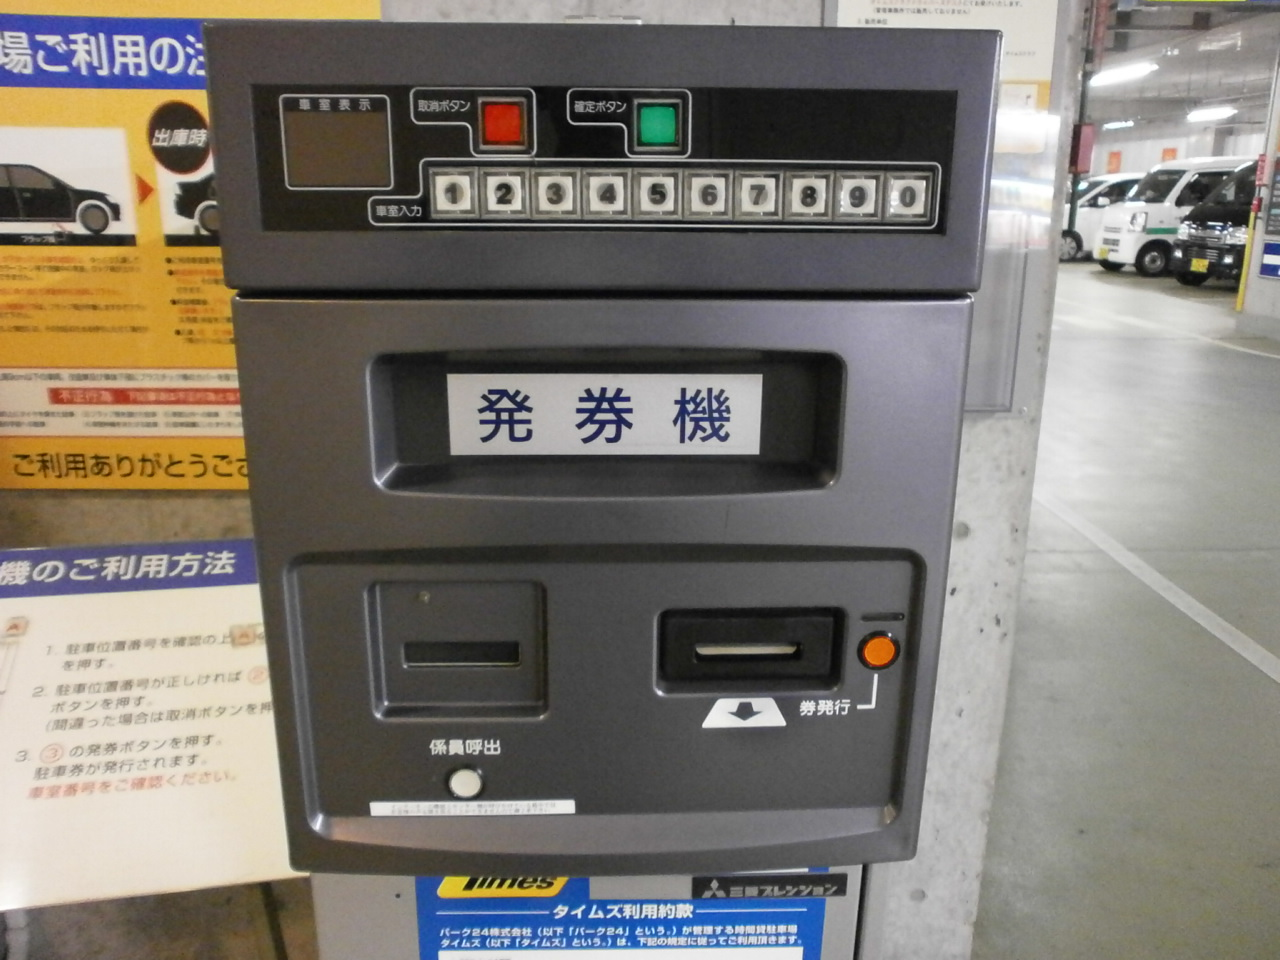 灘区役所地下駐車場発券機